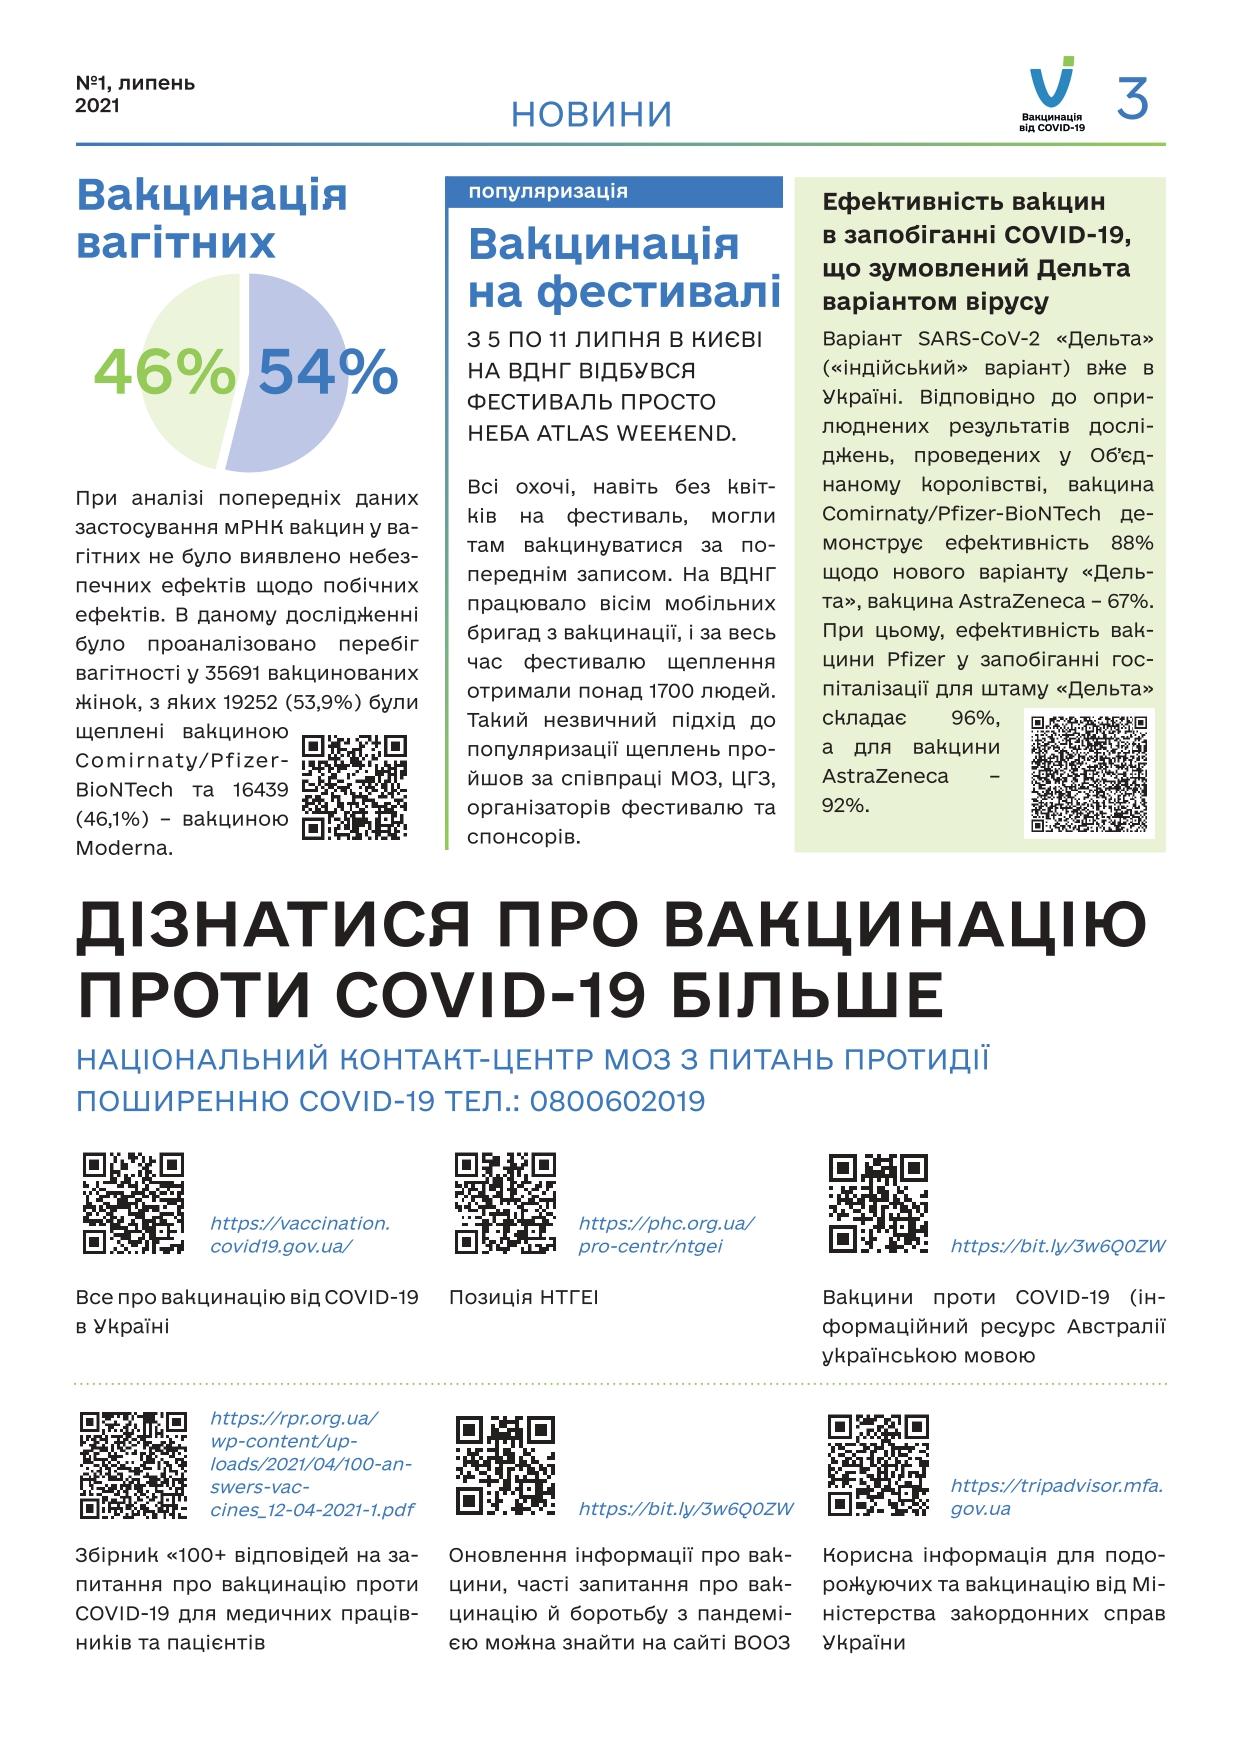 """Ми раді продовжувати знайомити вас з актуальною інформацією щодо вакцинації проти Covid-19 тепер в форматі вакцинальної стіннівки, або дайджесту, яку підготували представники ГО «Батьки за вакцинацію» за участі кластеру «Перспективи розвитку східних регіонів України» GIZ, інформаційної підтримки ДУ «Центр громадського здоров'я МОЗ України» та міжнародних партнерів у продовження проєкту 100+ відповідей на запитання про вакцинацію від Covid-19""""."""